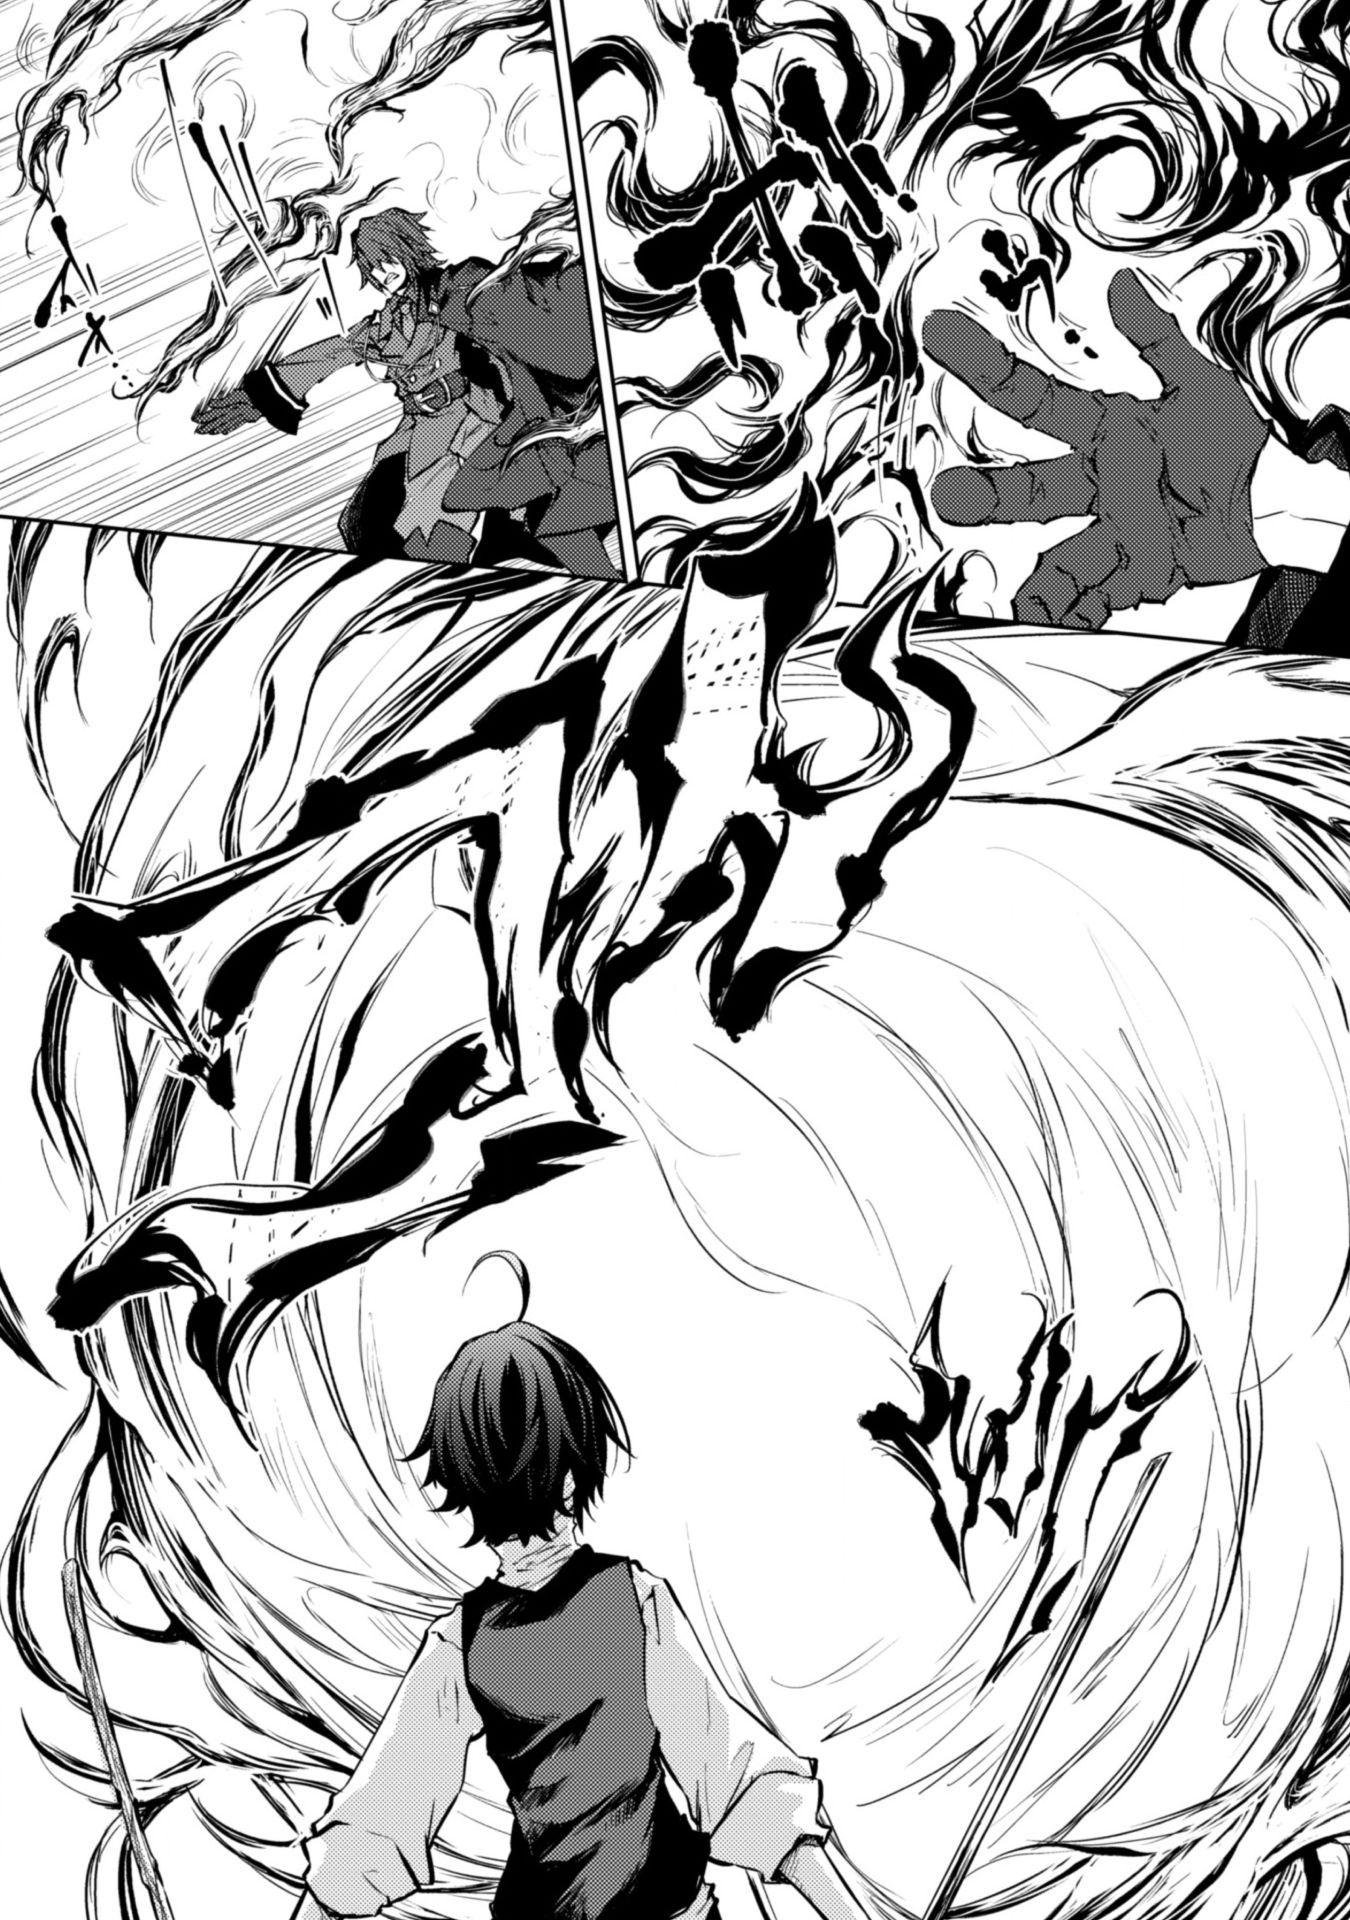 Манга Бывший сильнейший мечник жаждет магии в другом мире / Ex Strongest Swordsman Long For Magic In Different World - Том 2 Глава 13 Страница 4